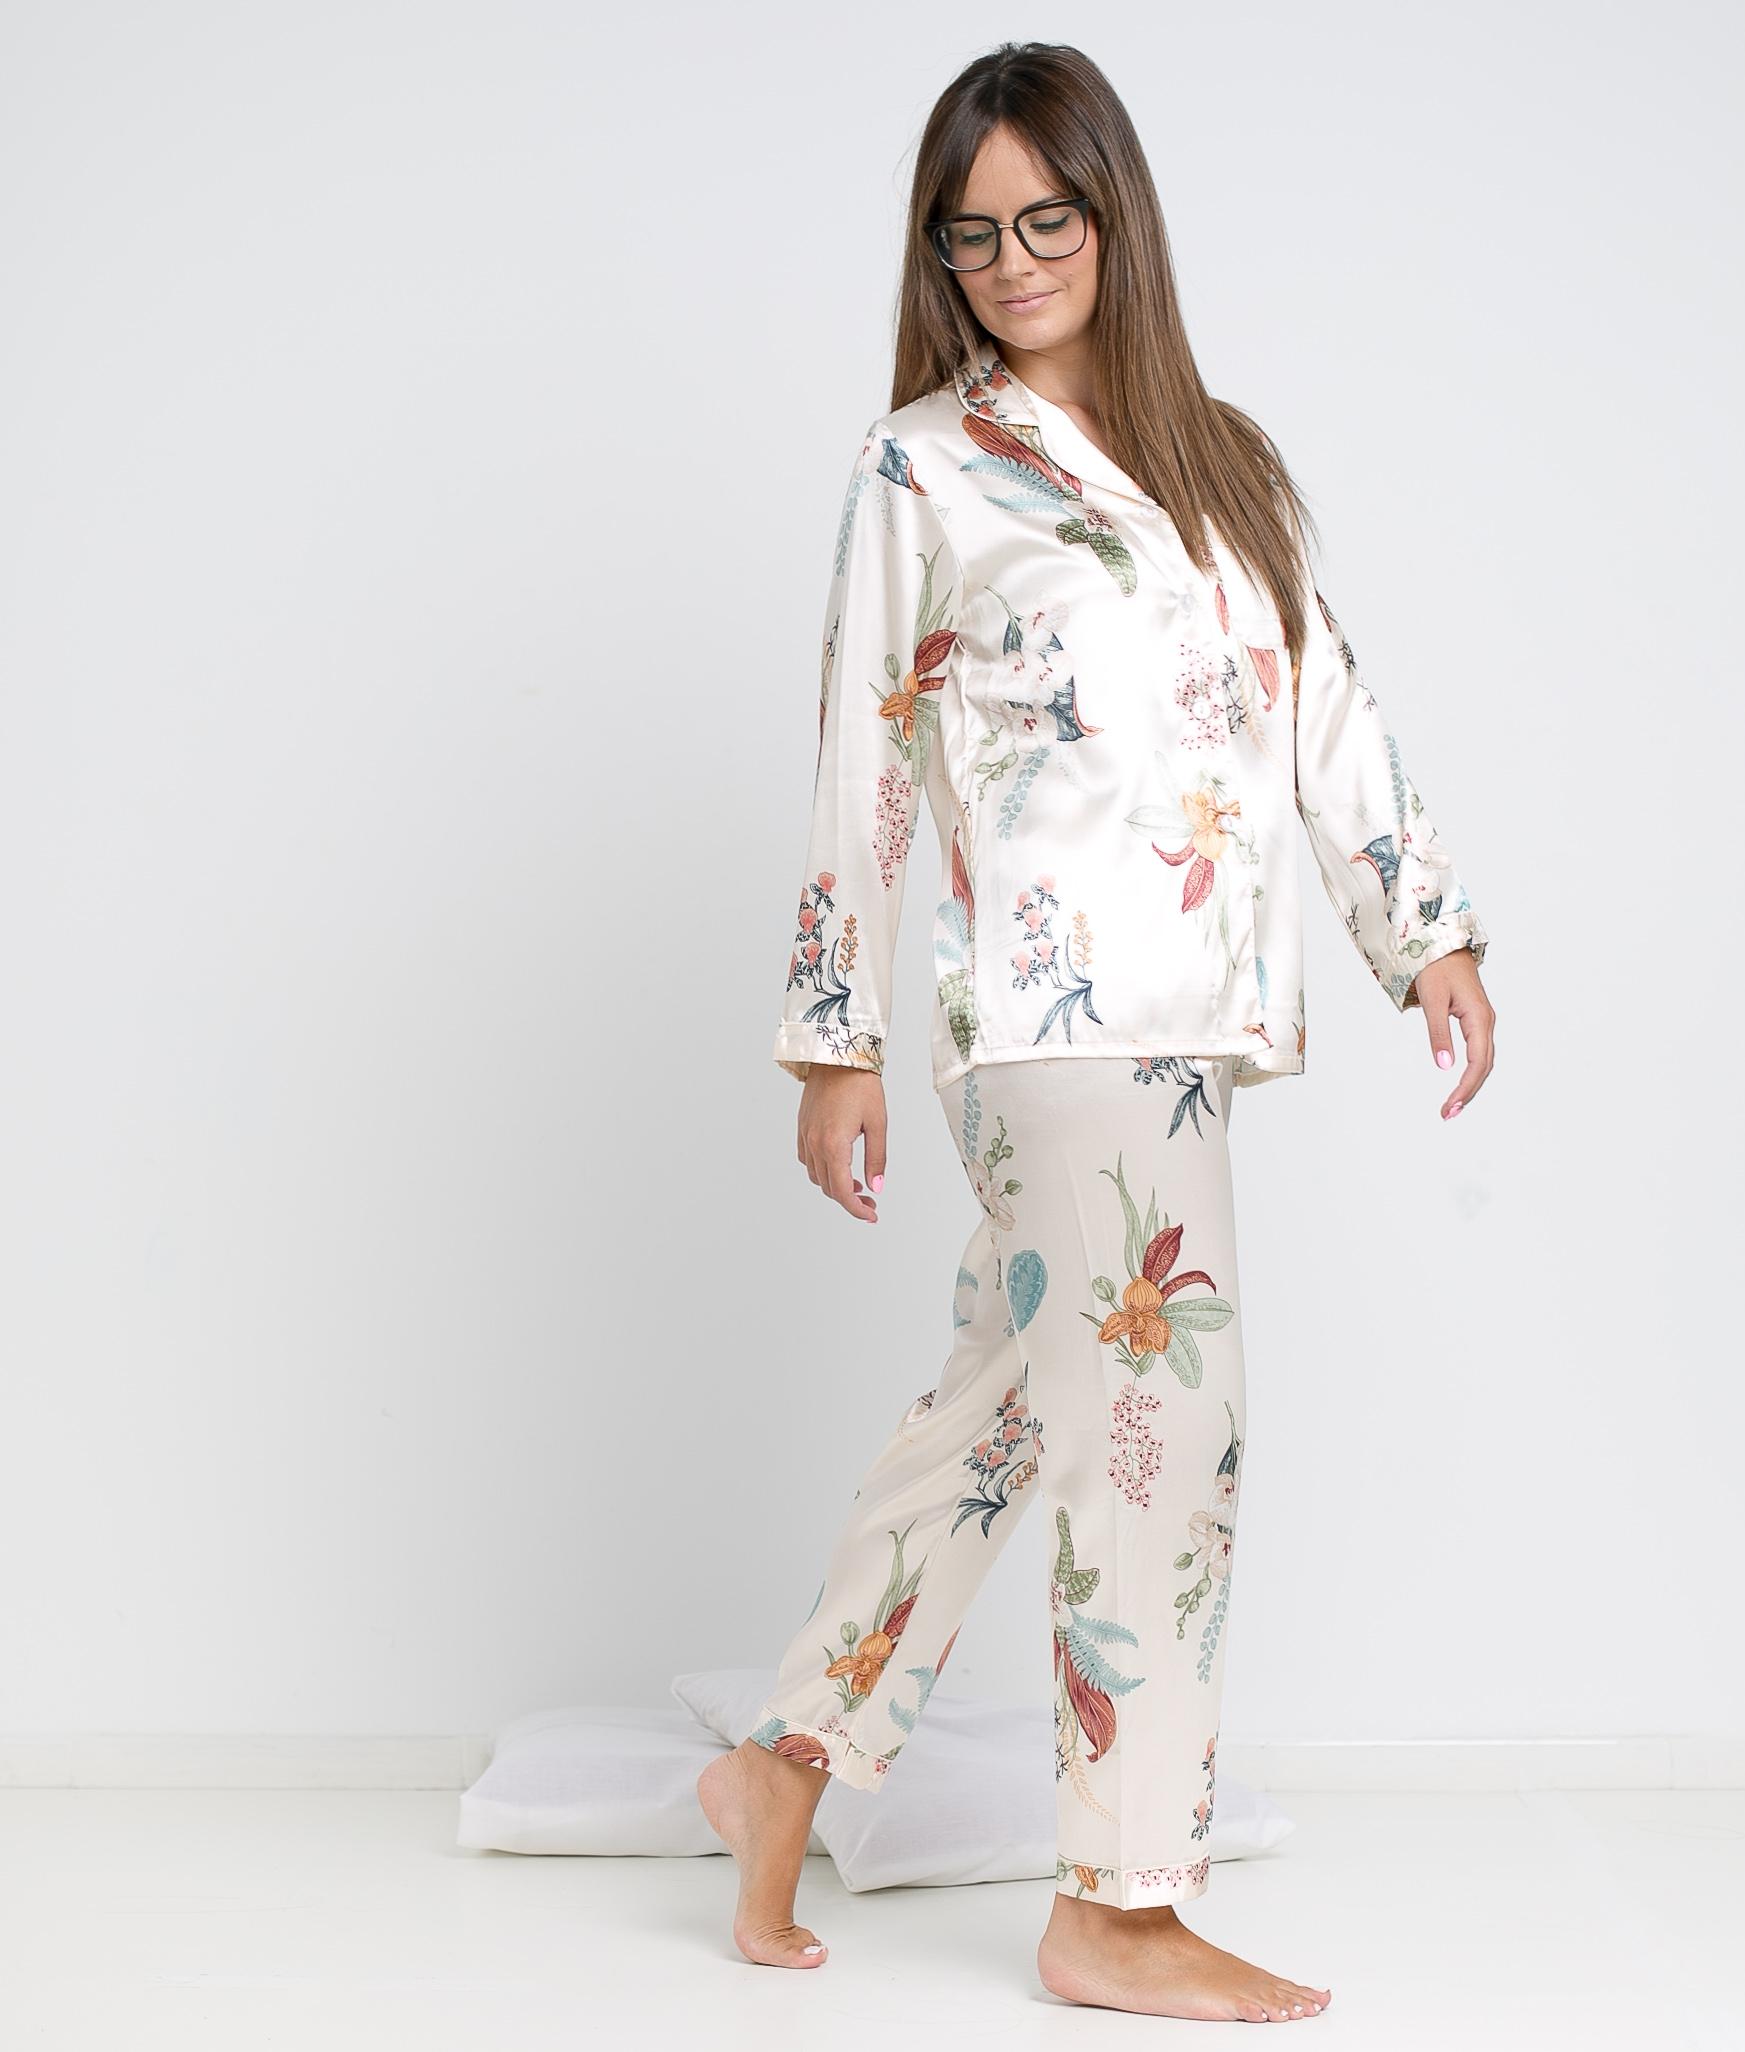 Pijama Tret - Beige